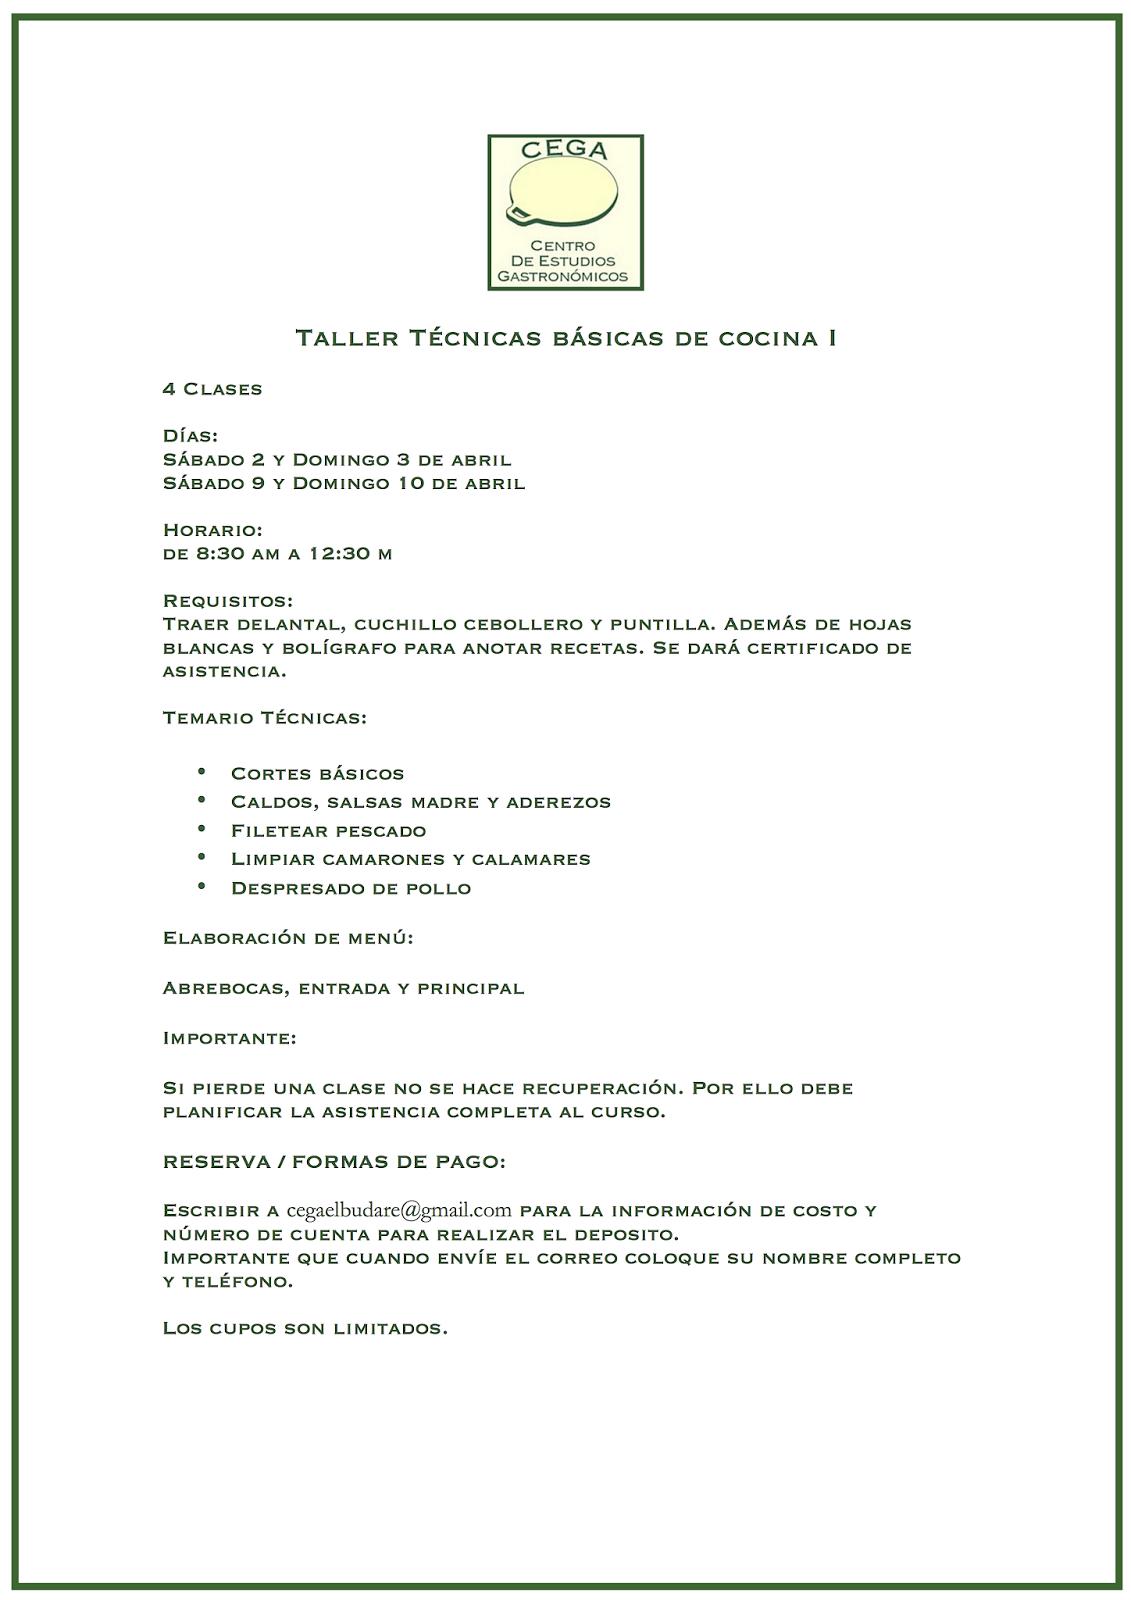 El budare del cega nuevos talleres cega de t cnicas b sicas de cocina y de ceviche - Tecnicas basicas de cocina ...